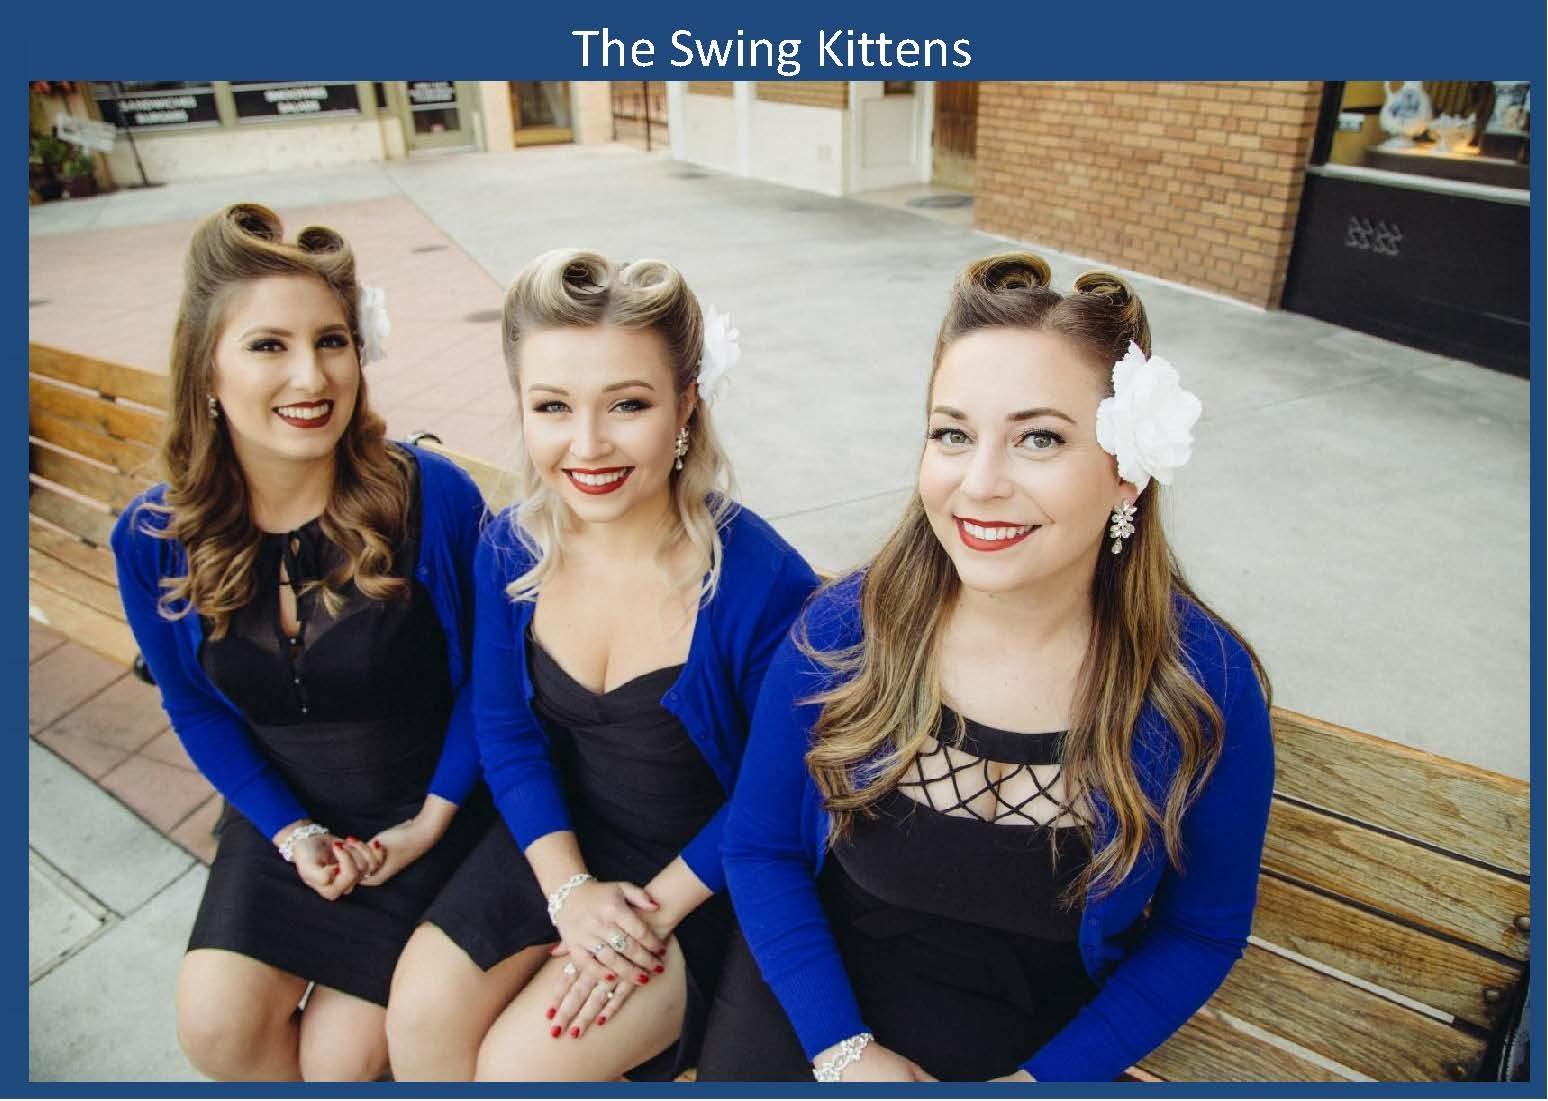 Image of Swing Kittens